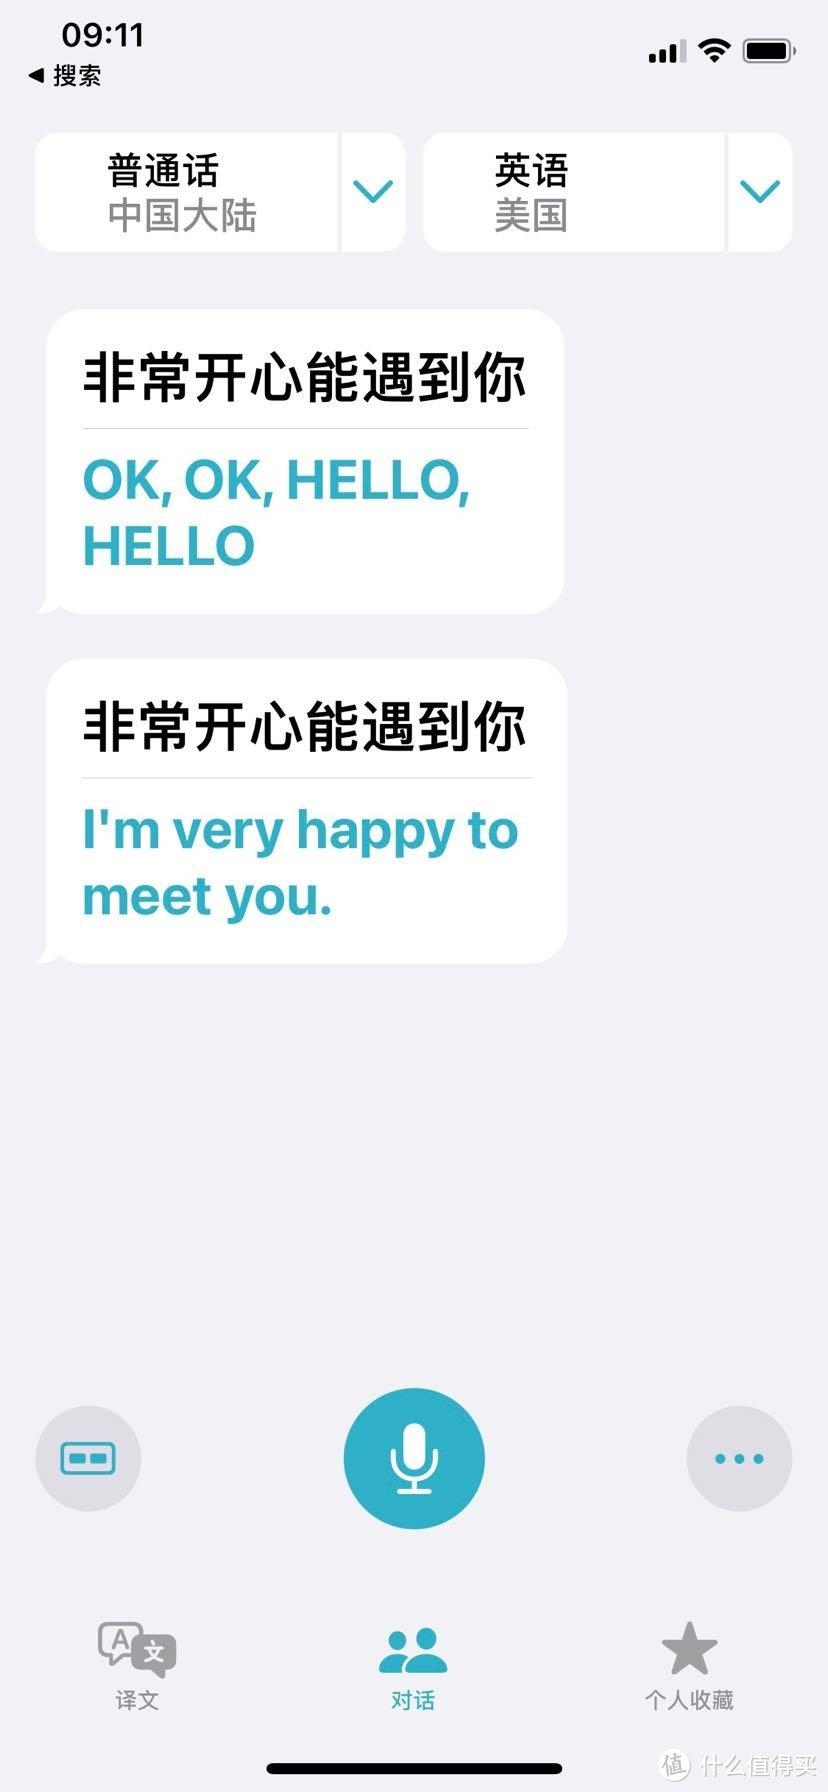 我随便说了一句,翻译的还是可以的,日常沟通应该没有问题